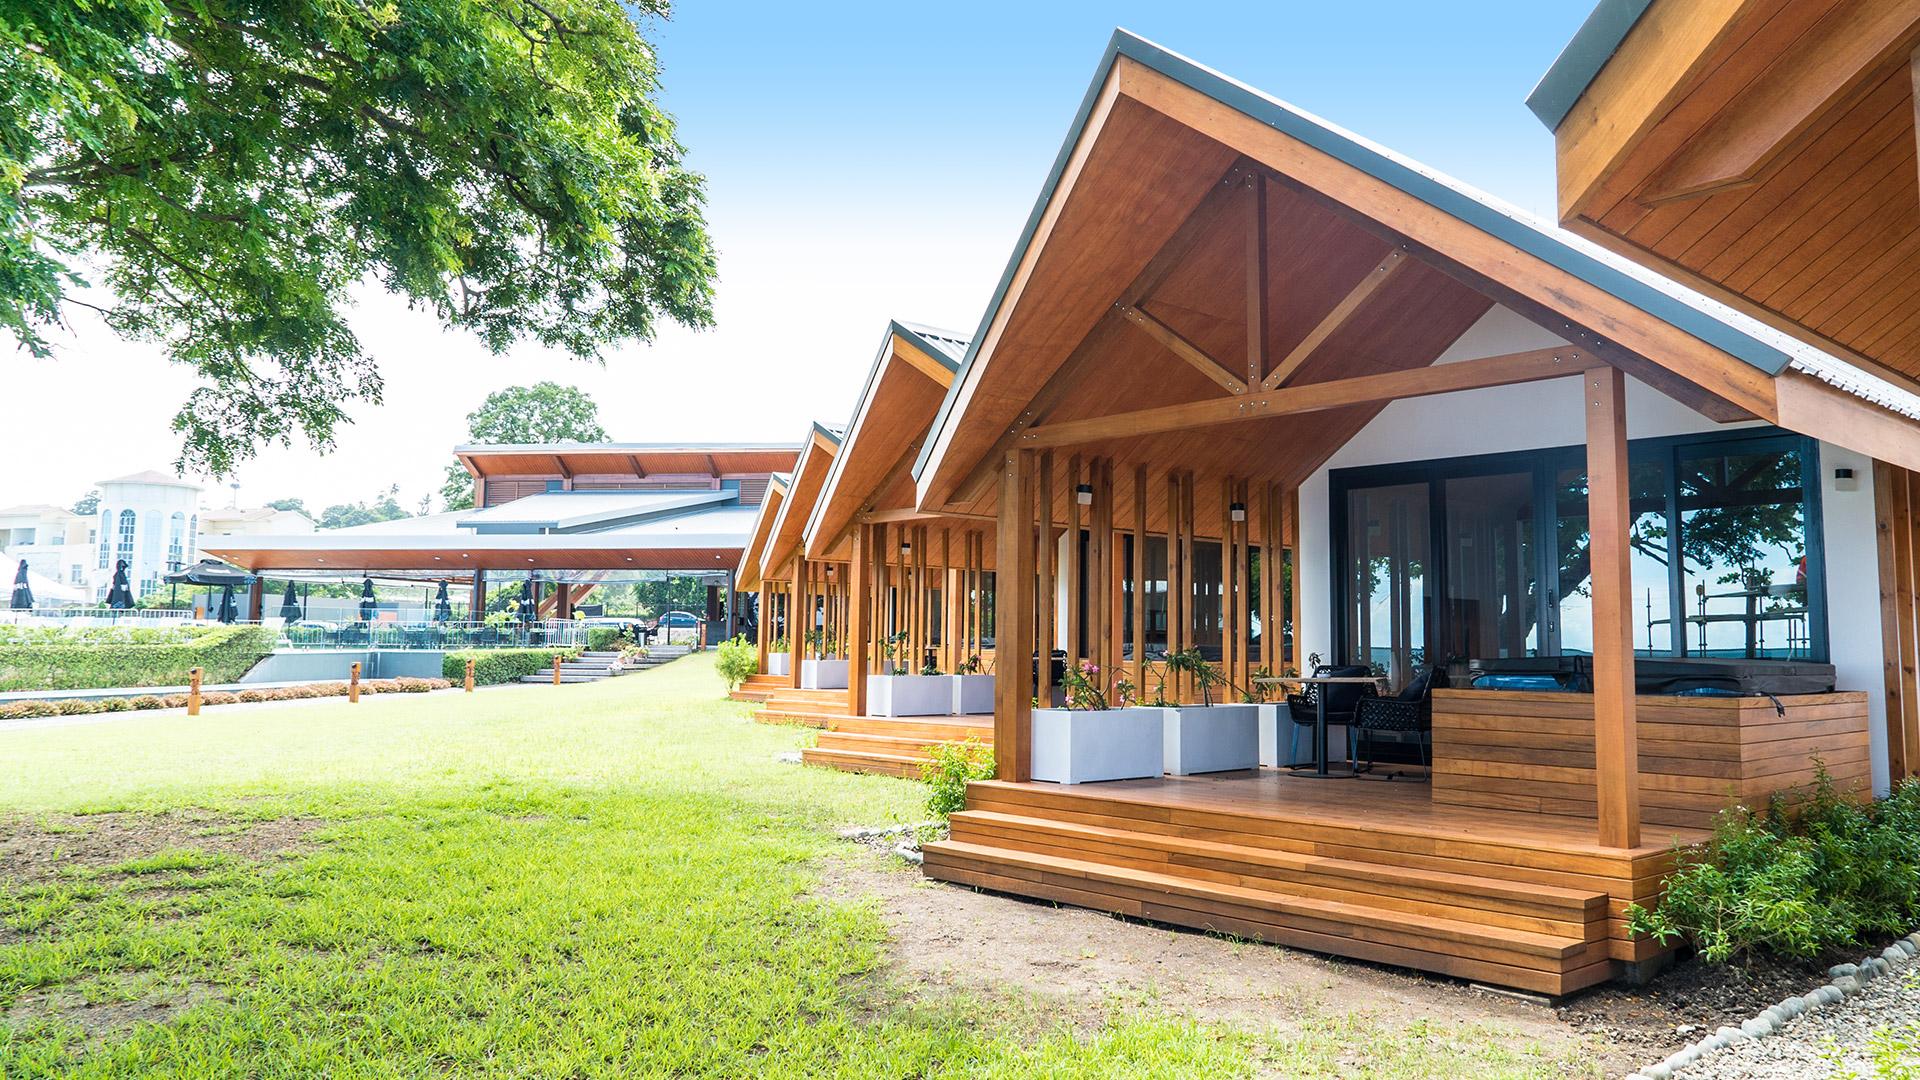 Coral Sea Resort - Click Hete for More Info...